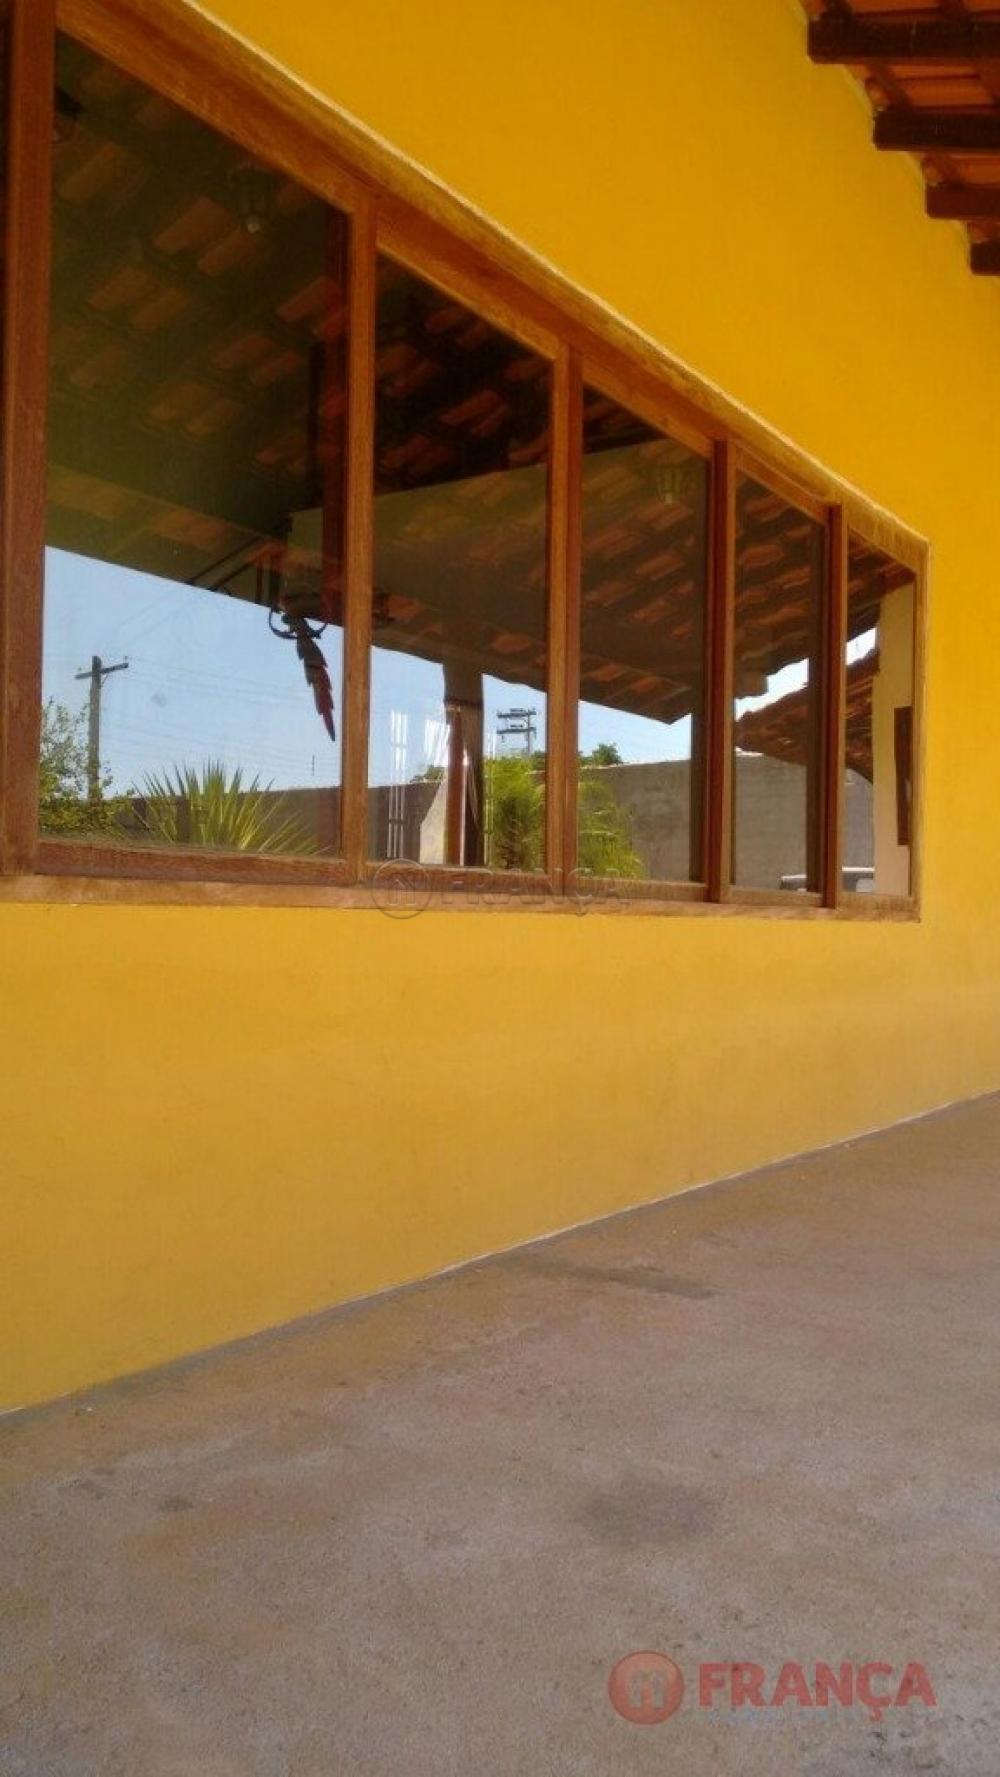 Comprar Rural / Chácara em São José dos Campos apenas R$ 780.000,00 - Foto 15